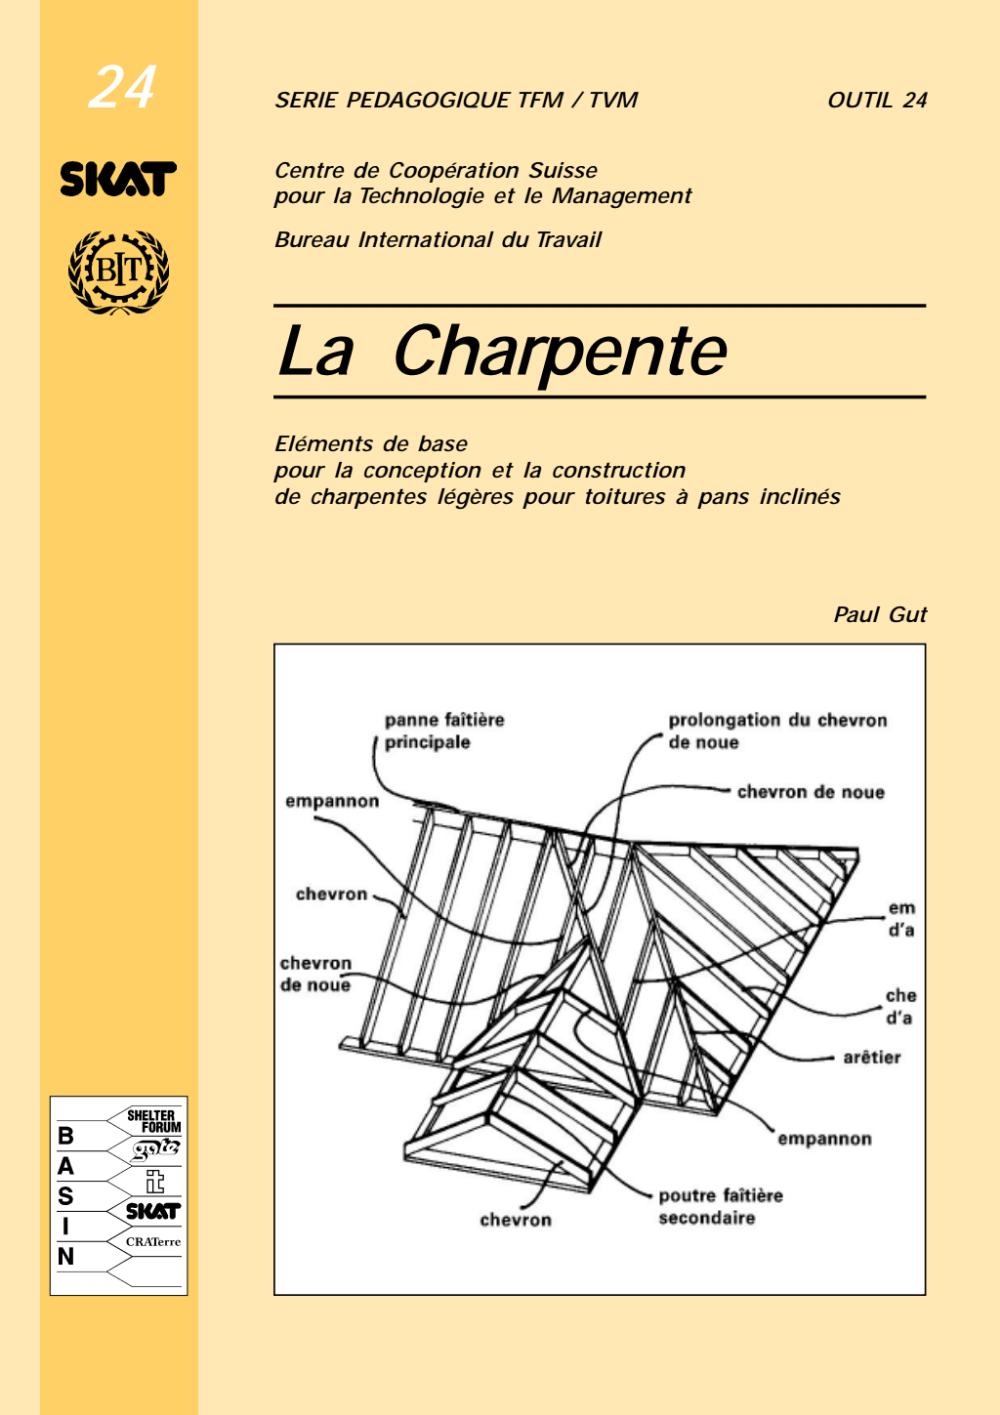 manuel complet sur la charpente pdf